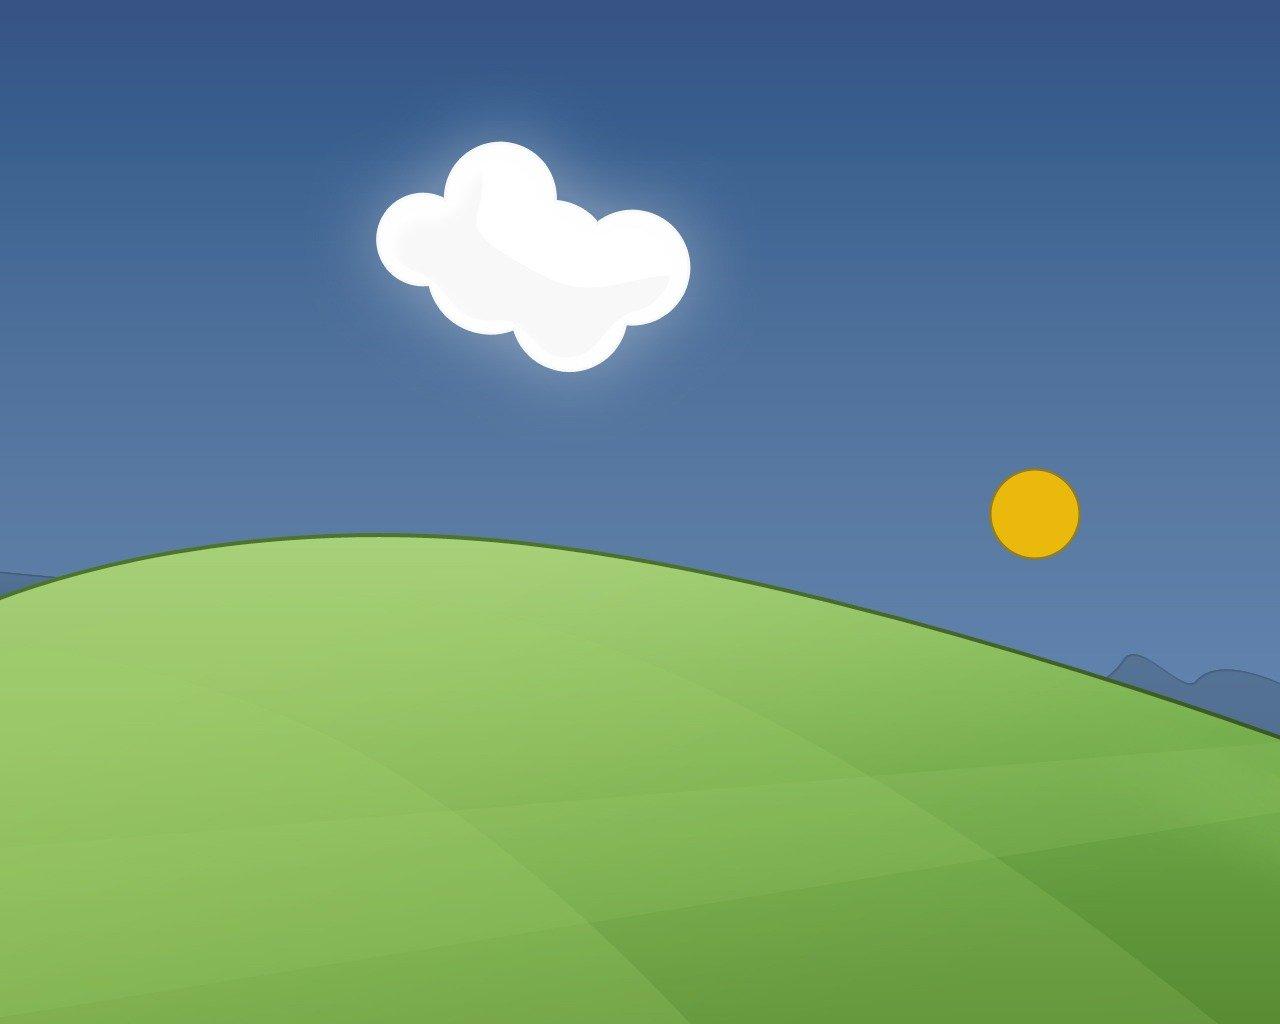 Картинки небо и земля для детей